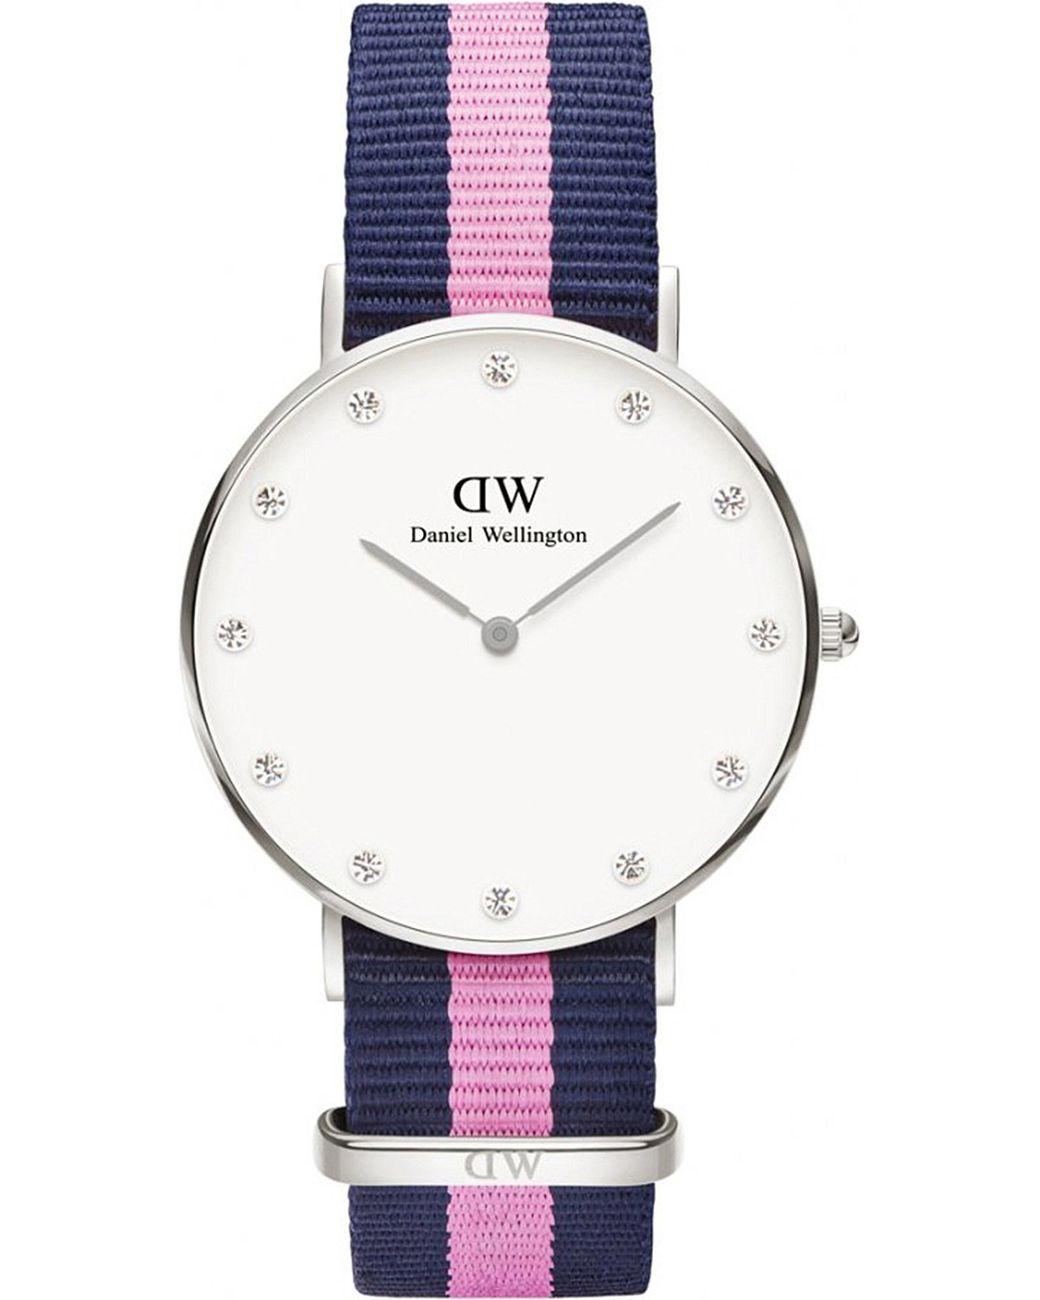 внимание уникальность dw часы daniel wellington эти ароматы относятся